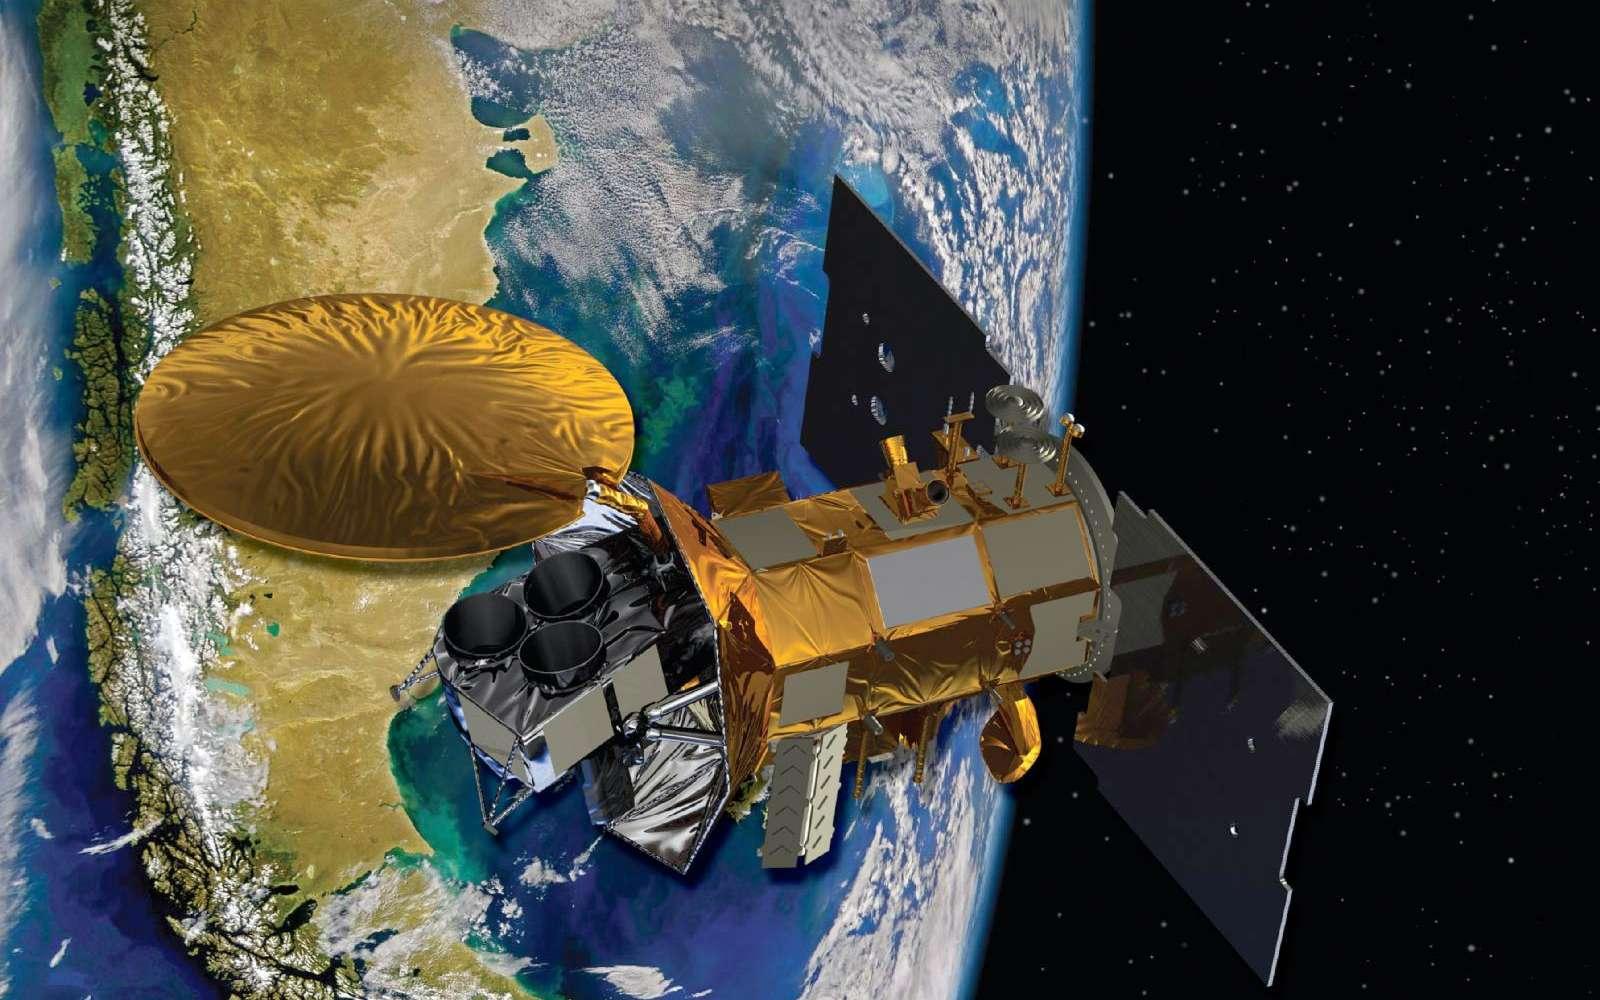 Sac-D est un satellite argentin d'observation de la Terre, auquel ont participé de nombreux pays, dont la France, en fournissant des instruments. Son lancement est prévu le 9 juin. © Nasa